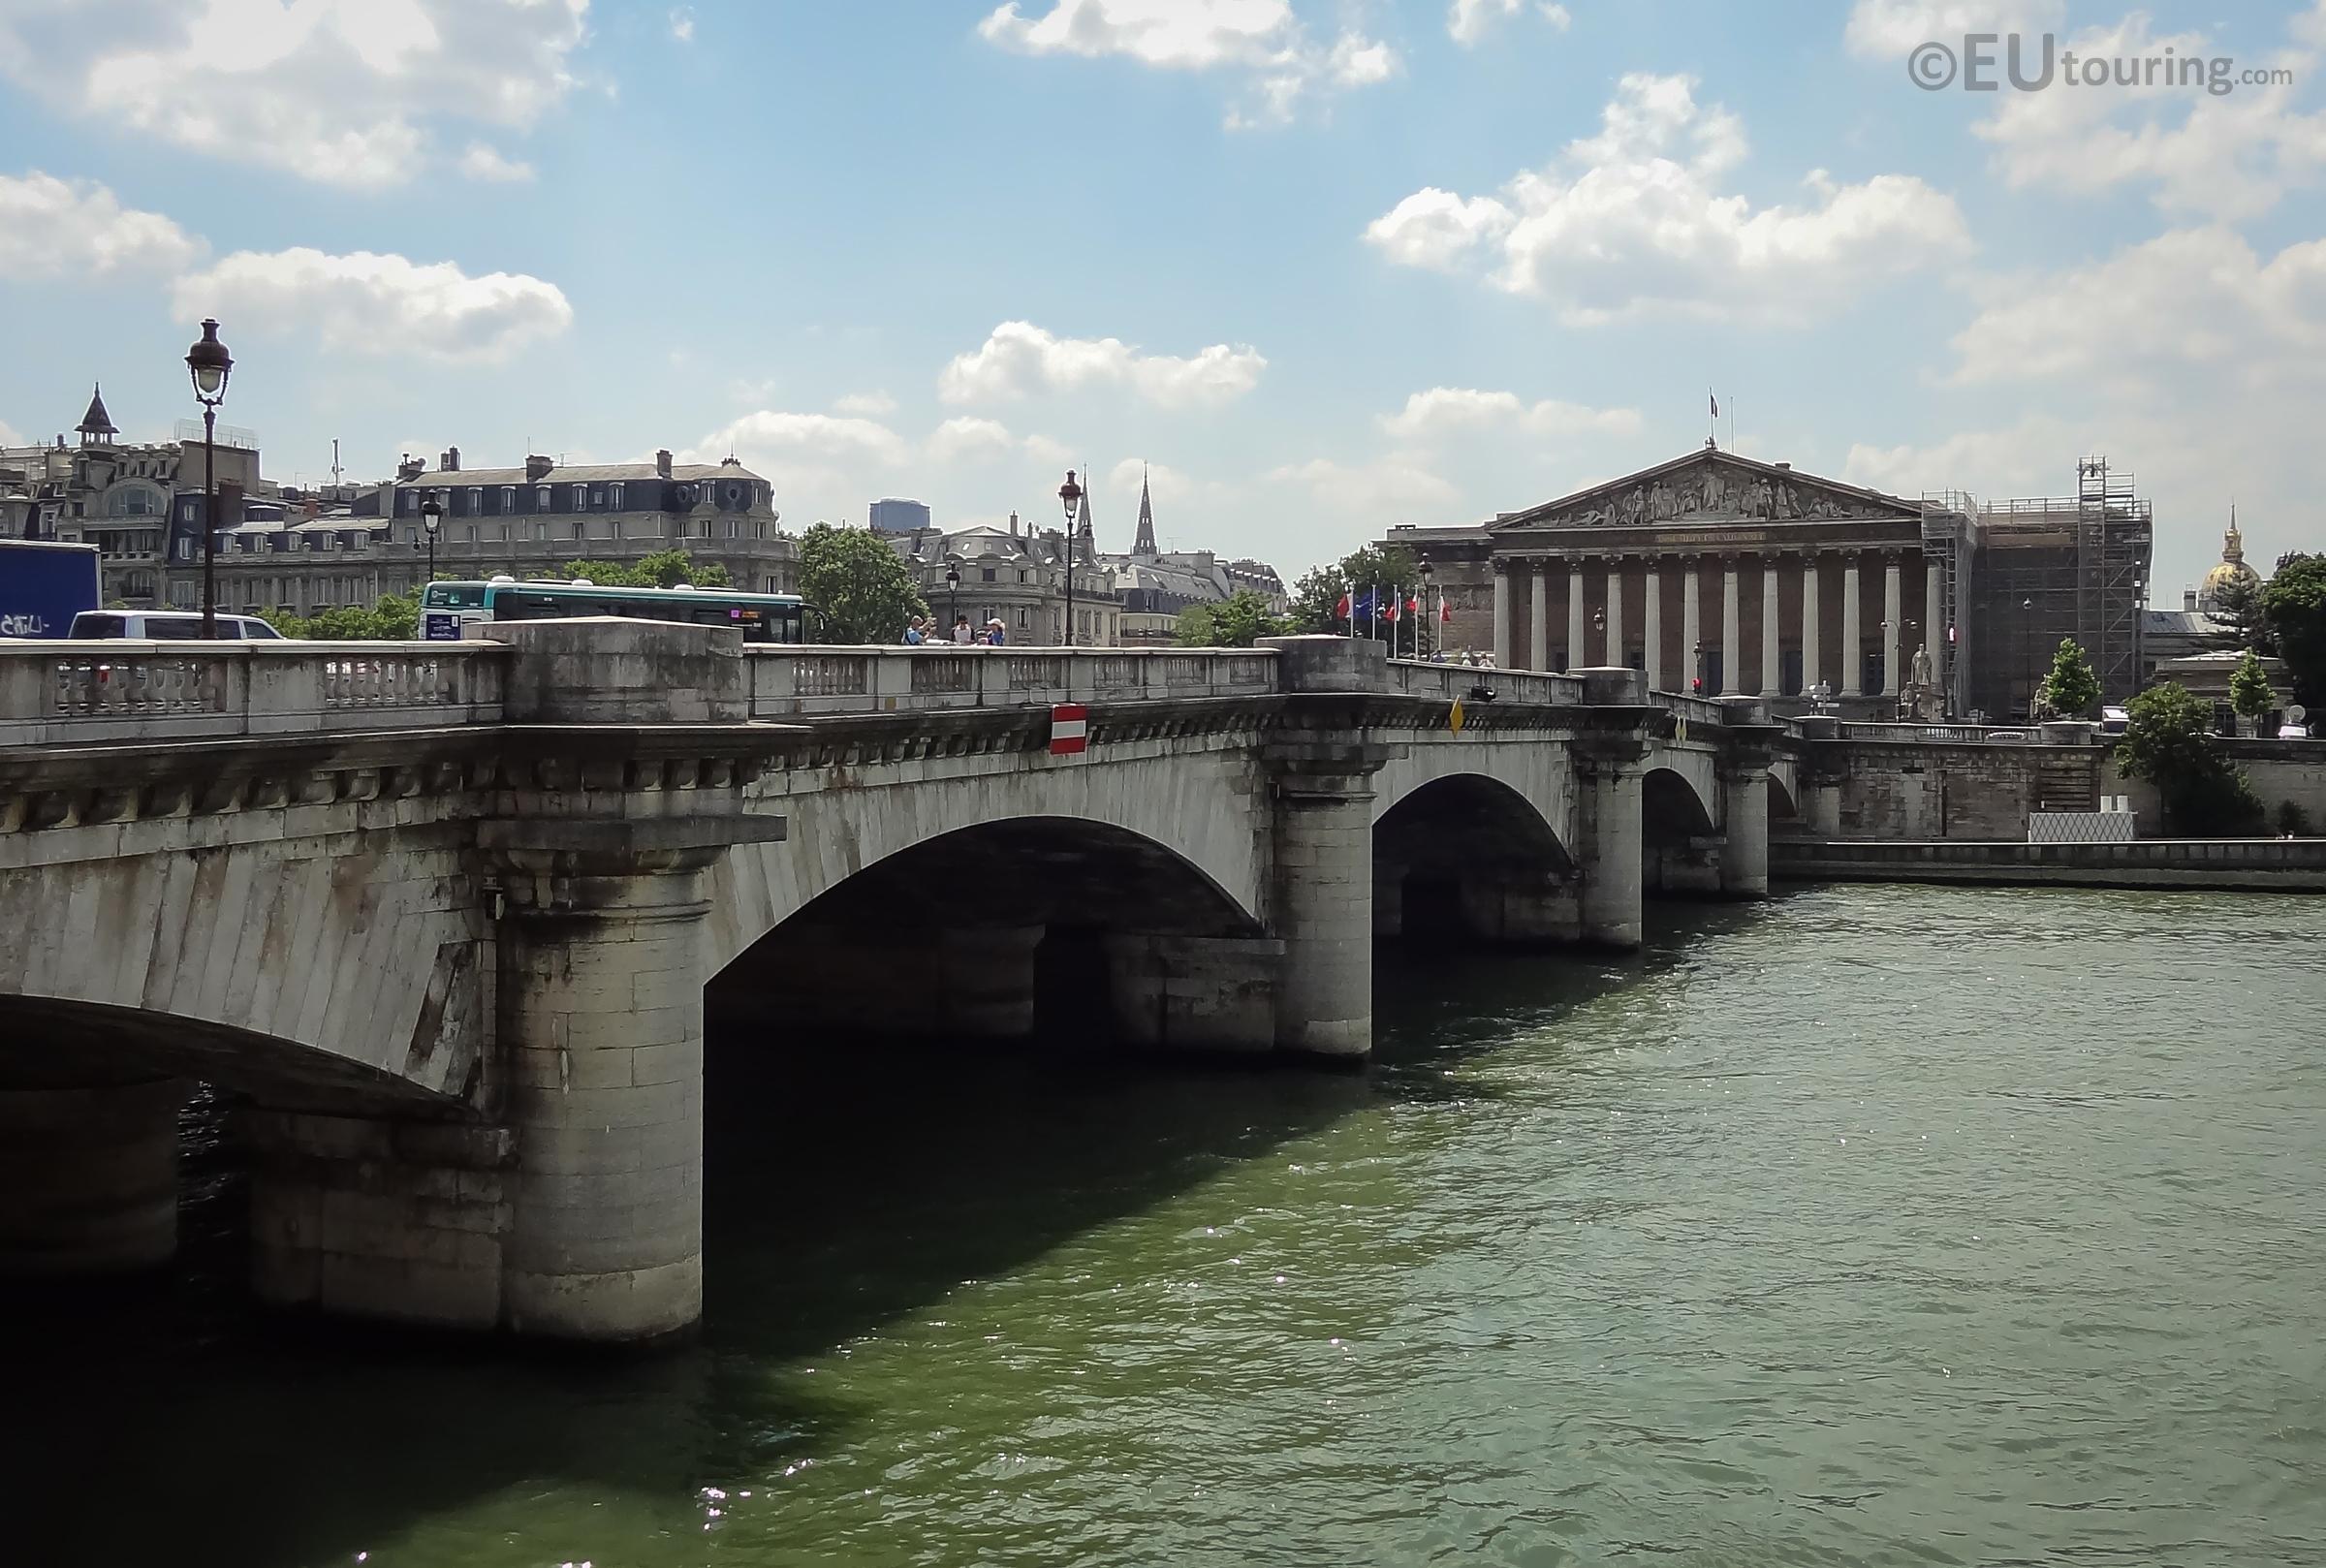 View of the Pont de la Concorde